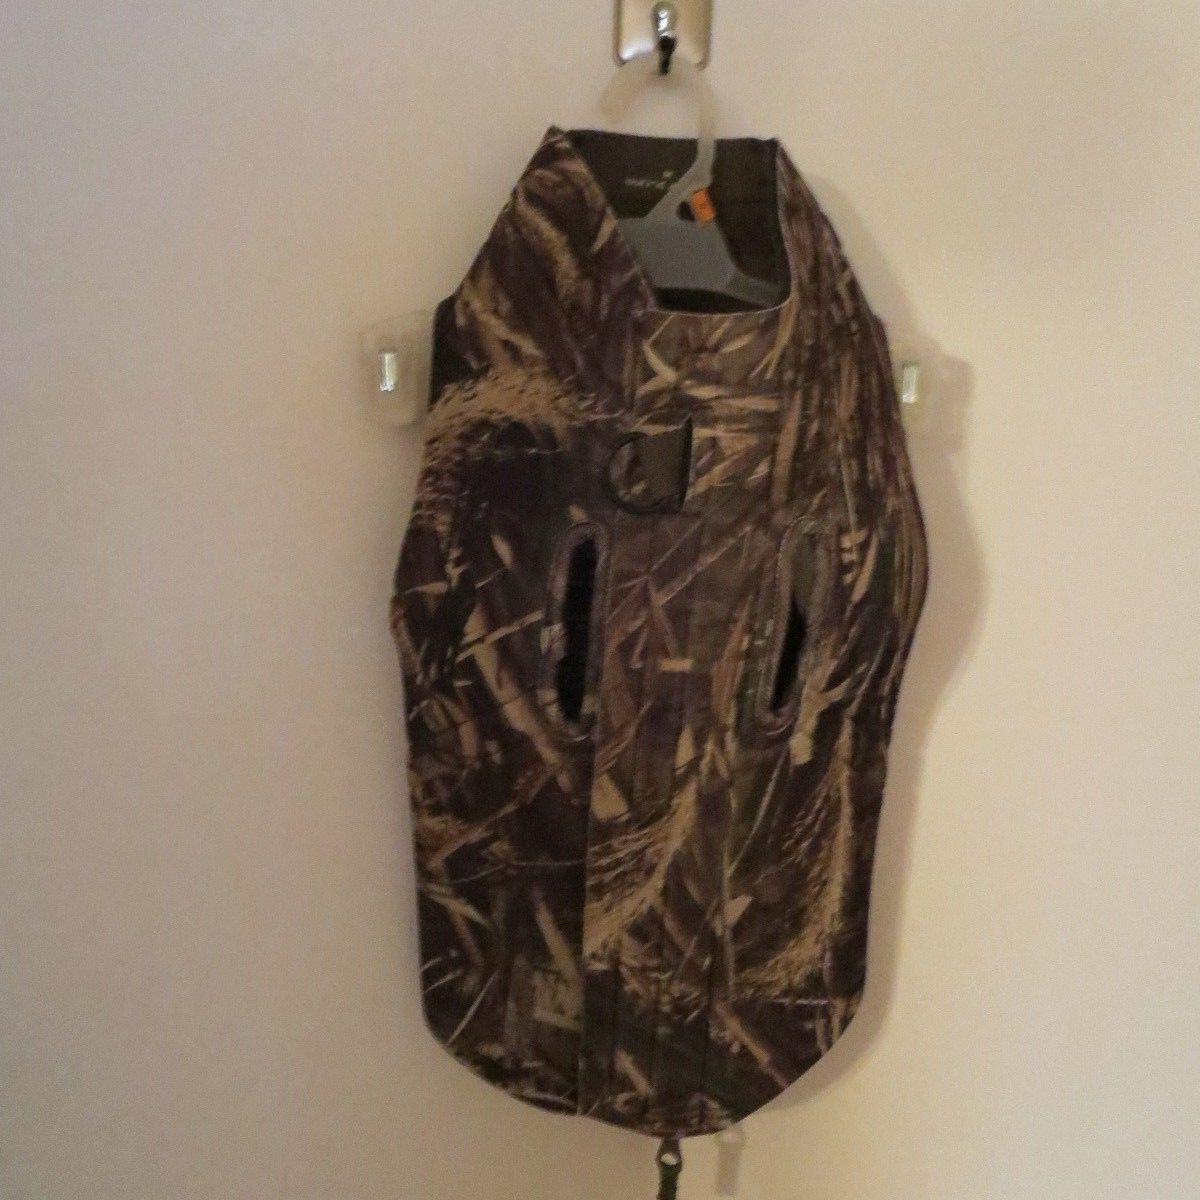 hunting gear boater s dog parka vest